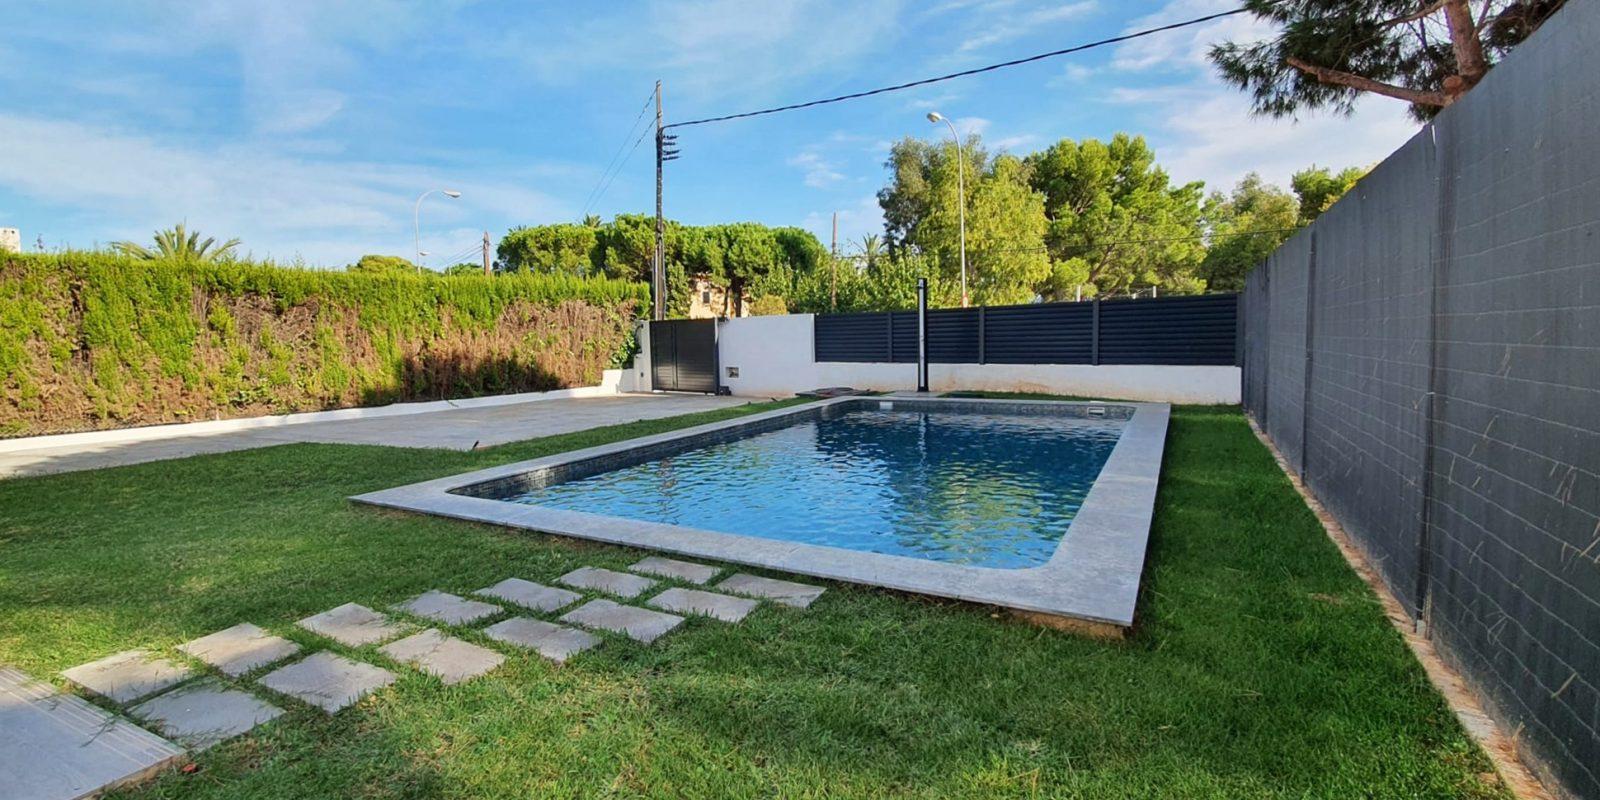 Rehabilitación piscina Benicasim